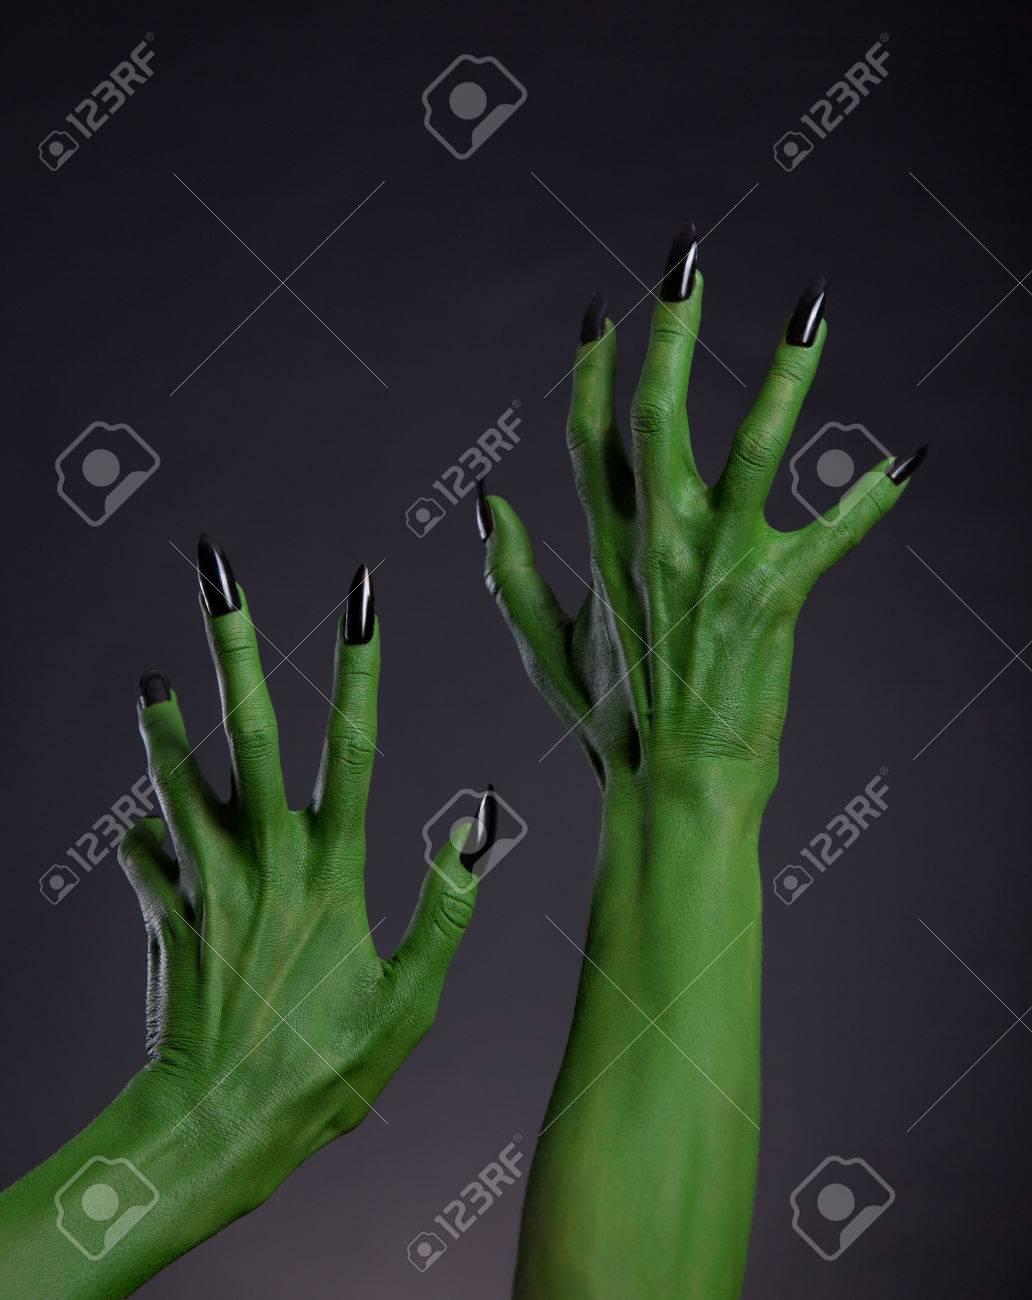 Bruja Verde Manos Con Las Uñas Negras Que Se Extiende Hasta, Tema De ...